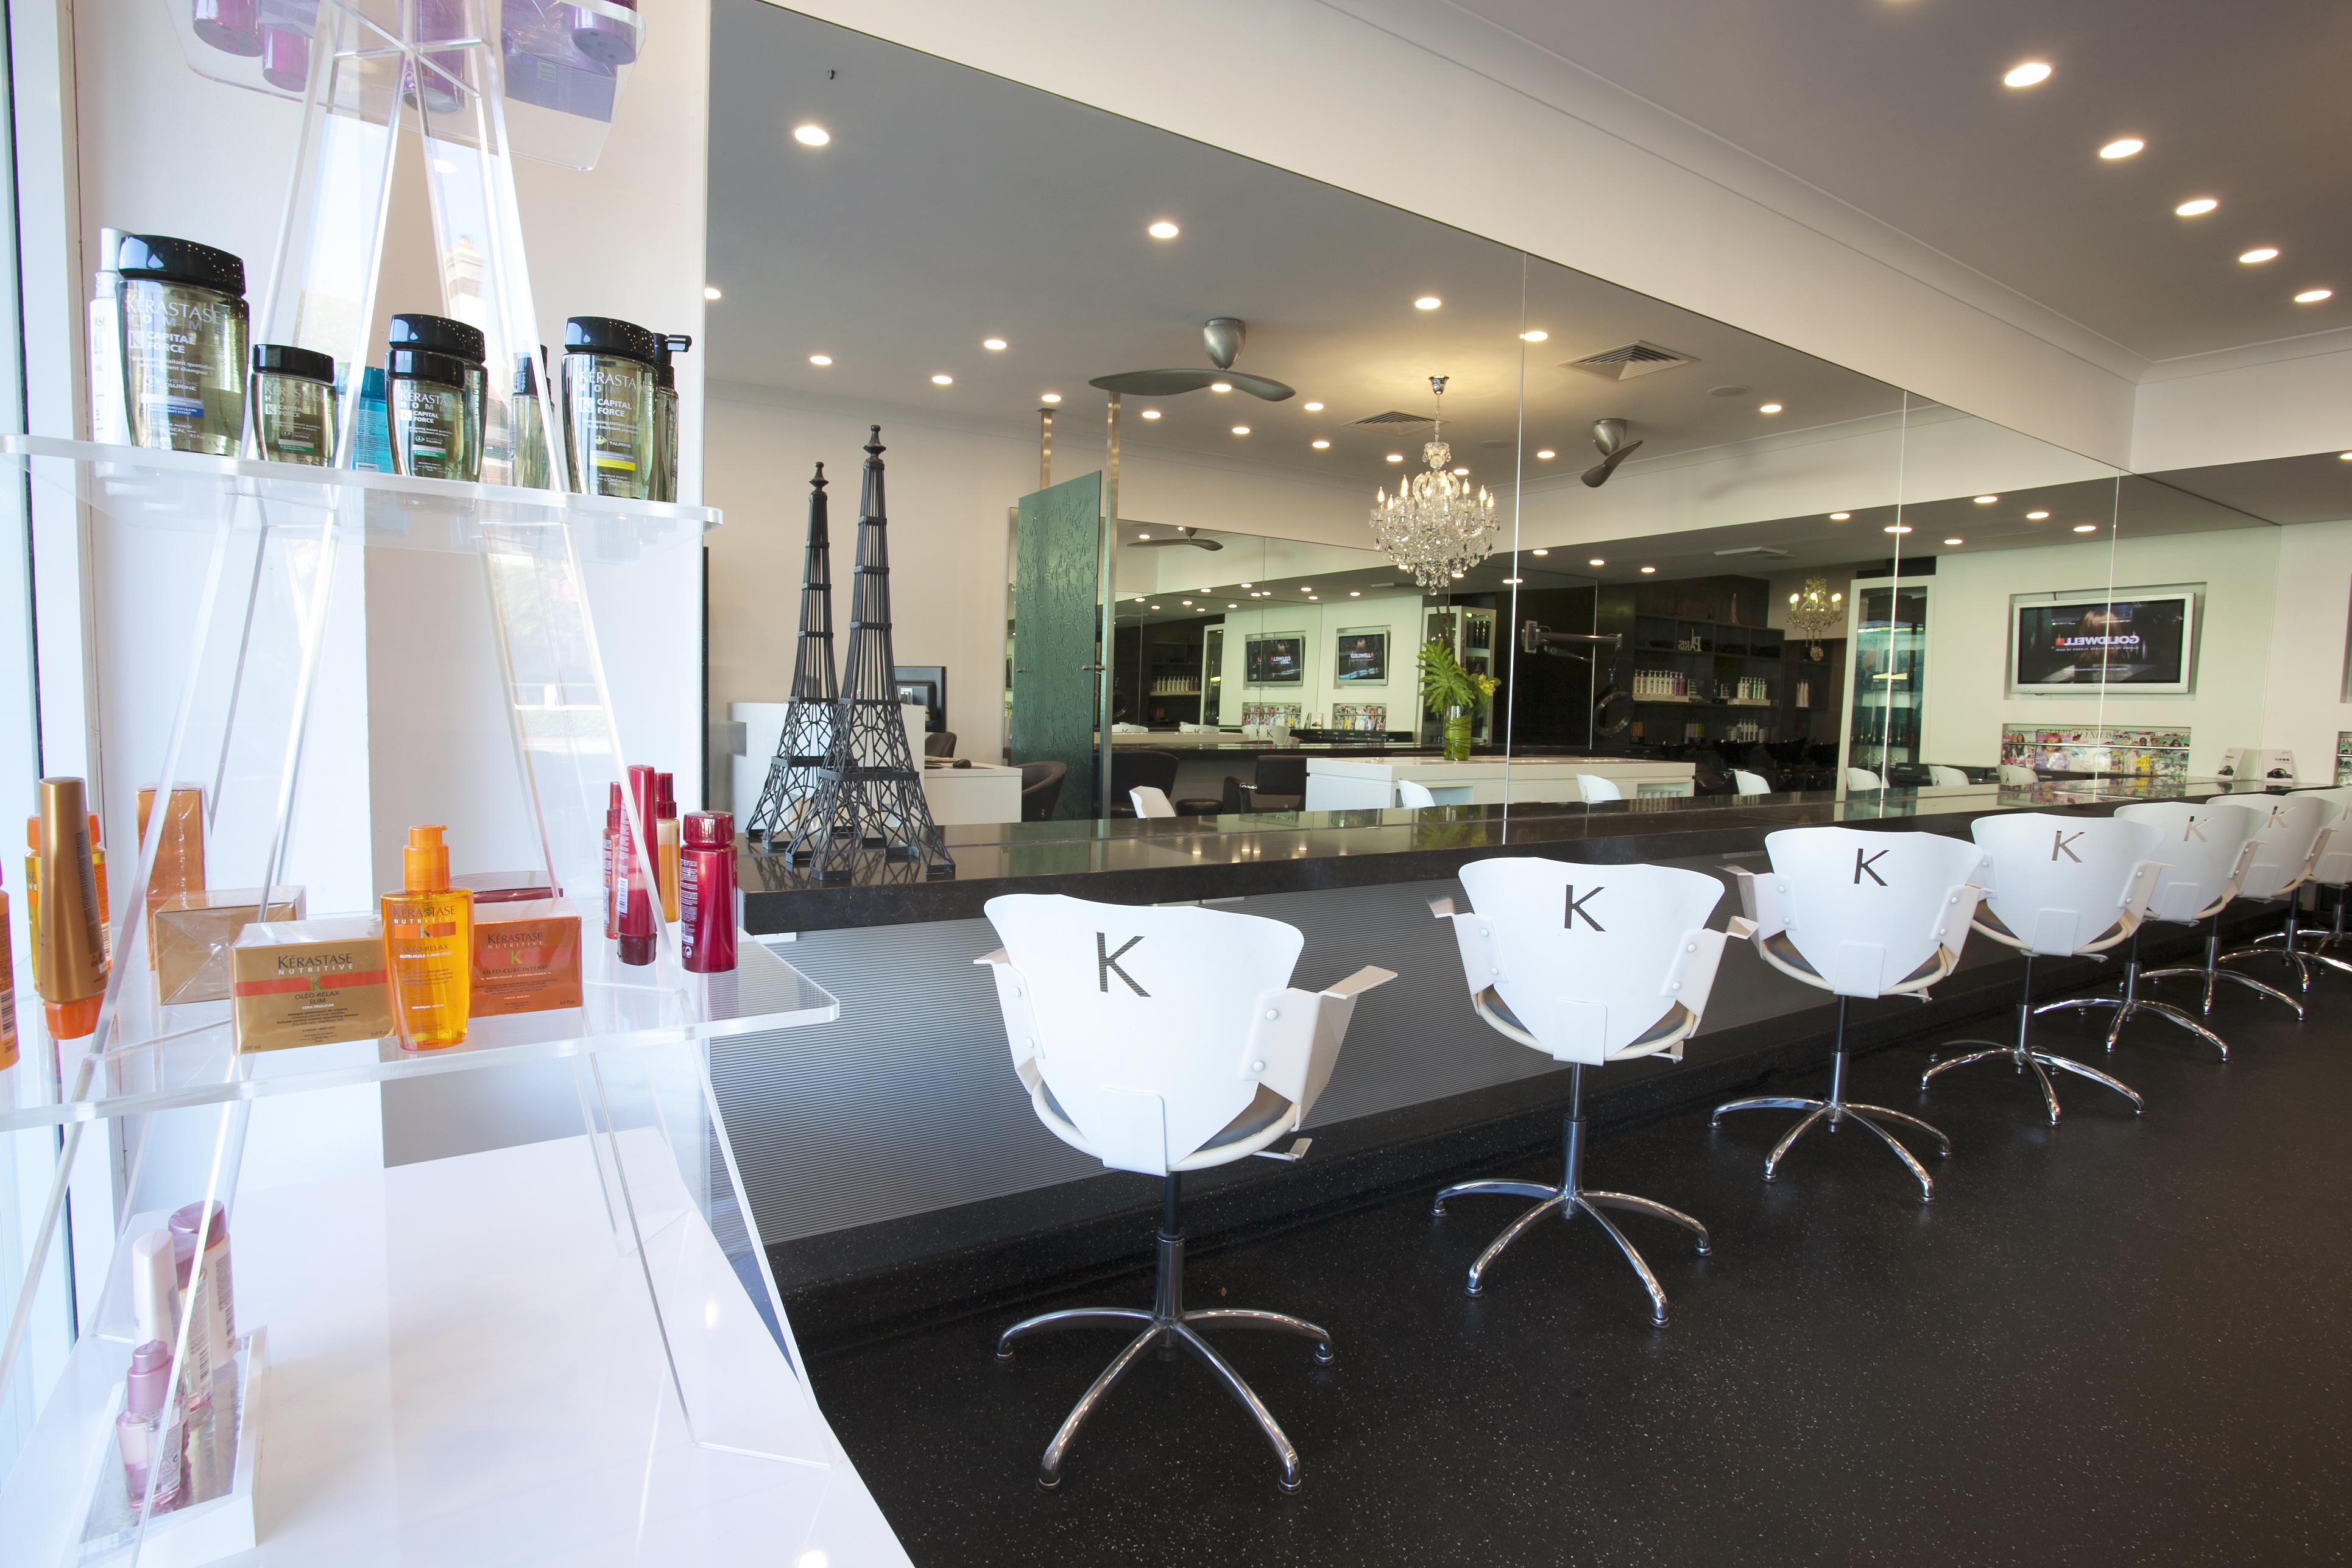 Afro hair salons paris france black hair studio in paris for Hair salon paris france